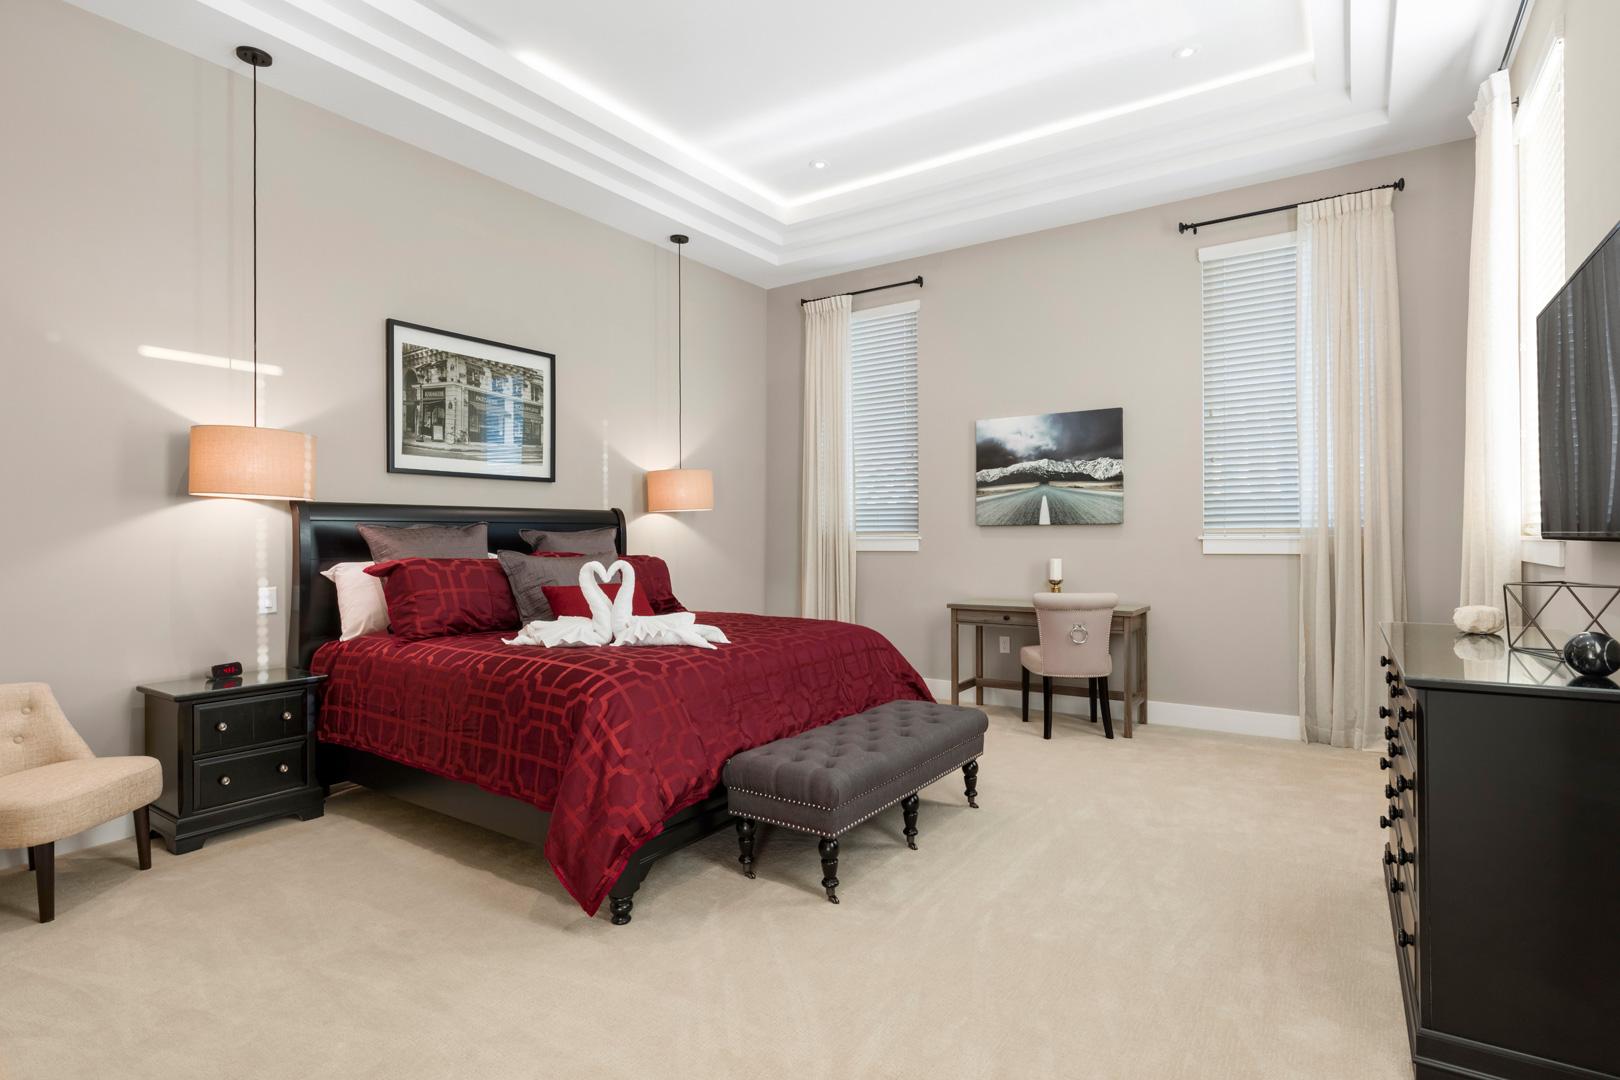 Bedrooms14